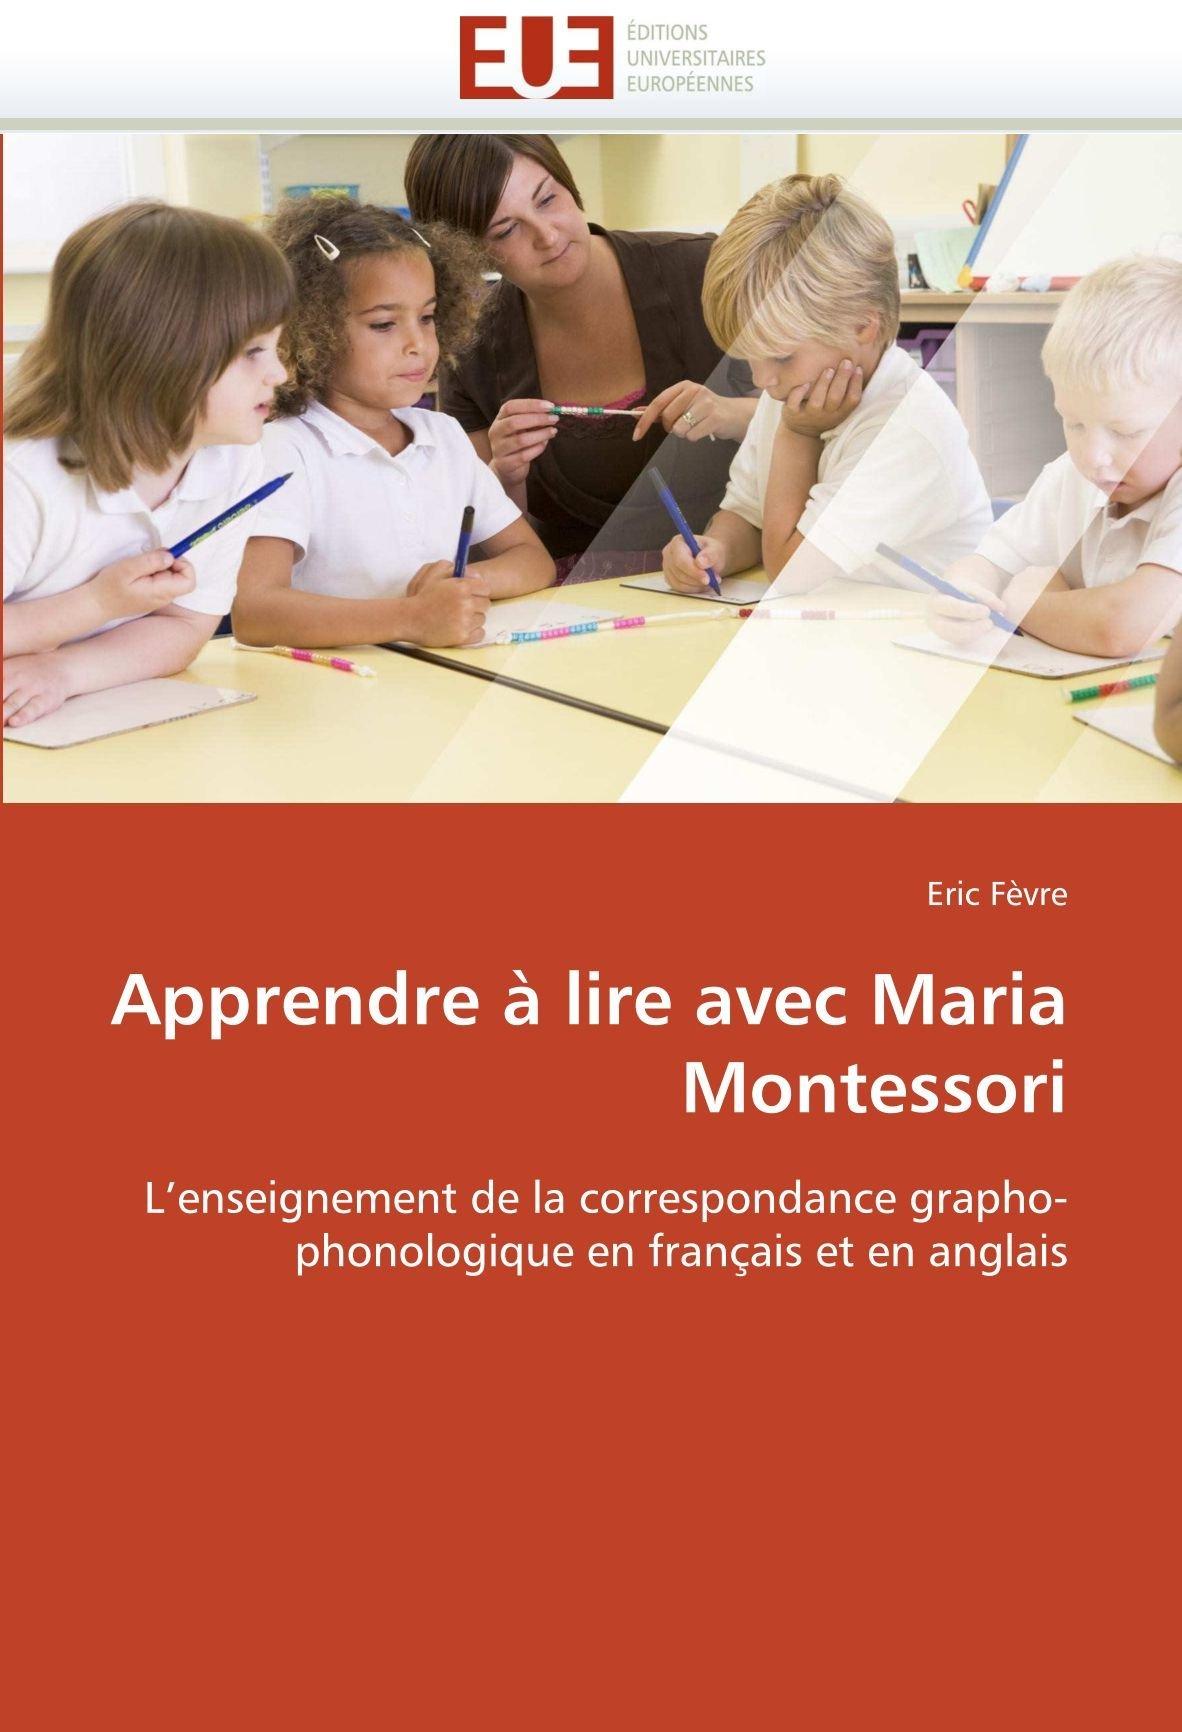 Apprendre à lire avec Maria Montessori: Lenseignement de la correspondance grapho-phonologique en français et en anglais Eric Fèvre